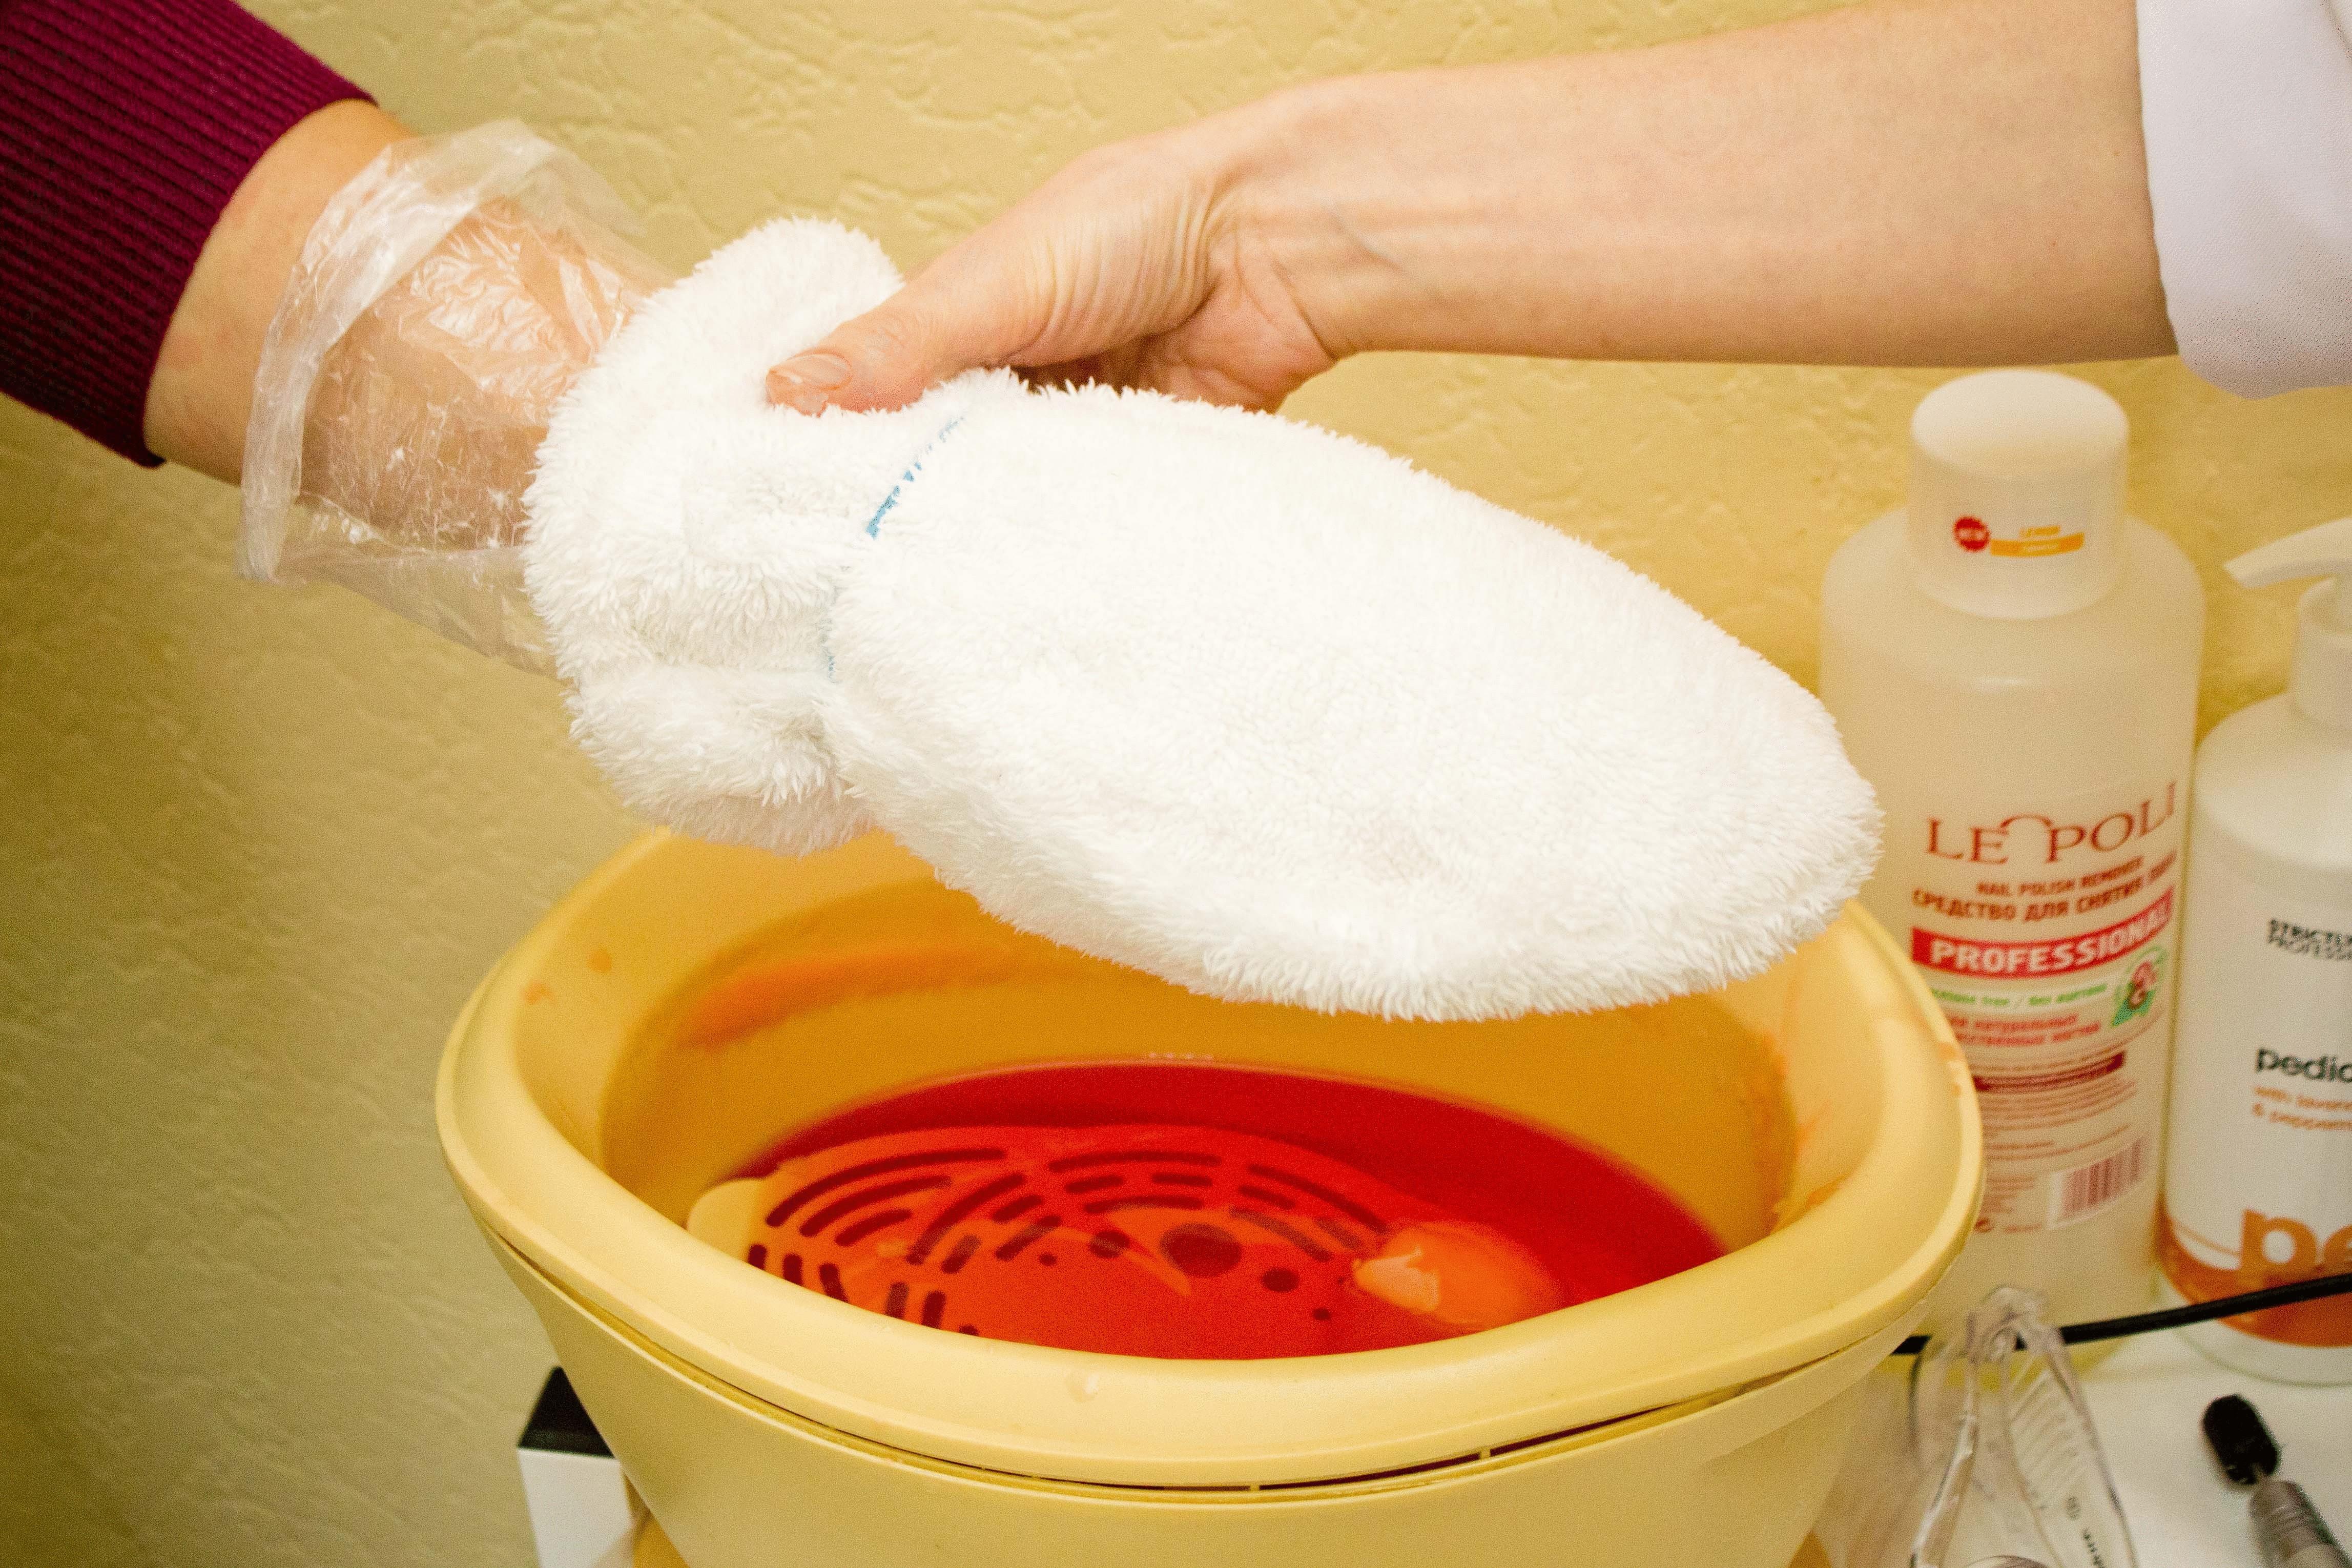 Paraffin helps moisturize the skin